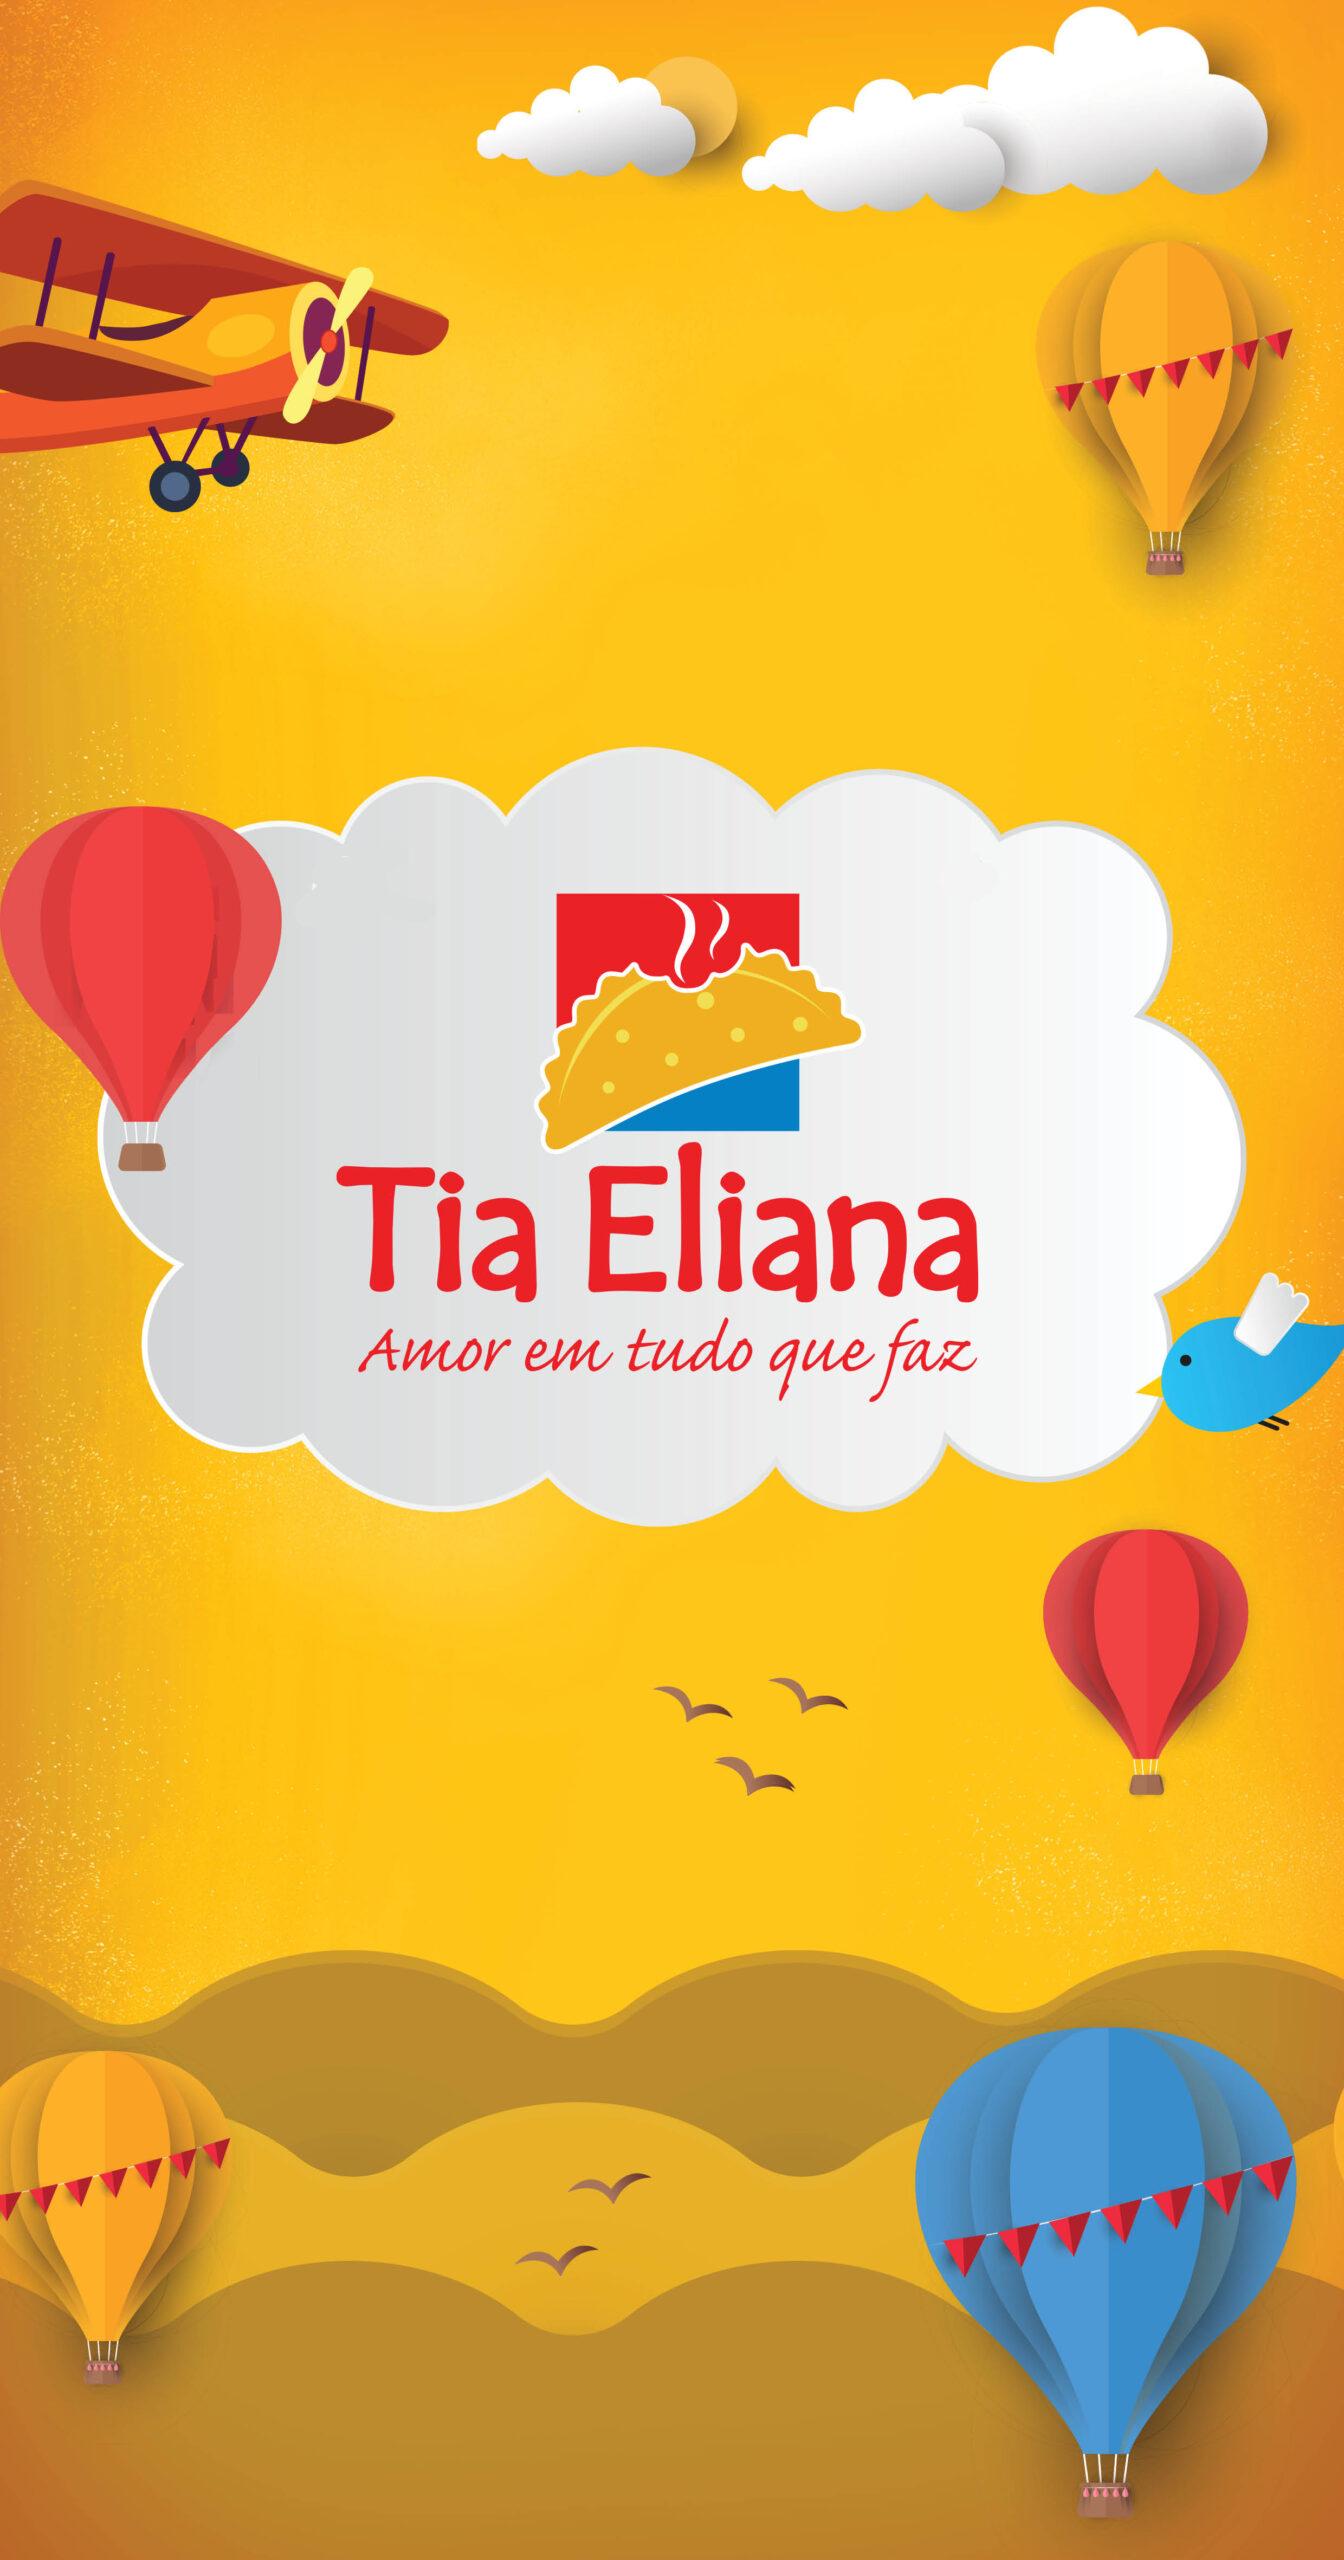 cardapio_encomendas_40x21cm_tia_eliana_capital_santa_efigenia2-scaled Encomendas - Santa Efigênia